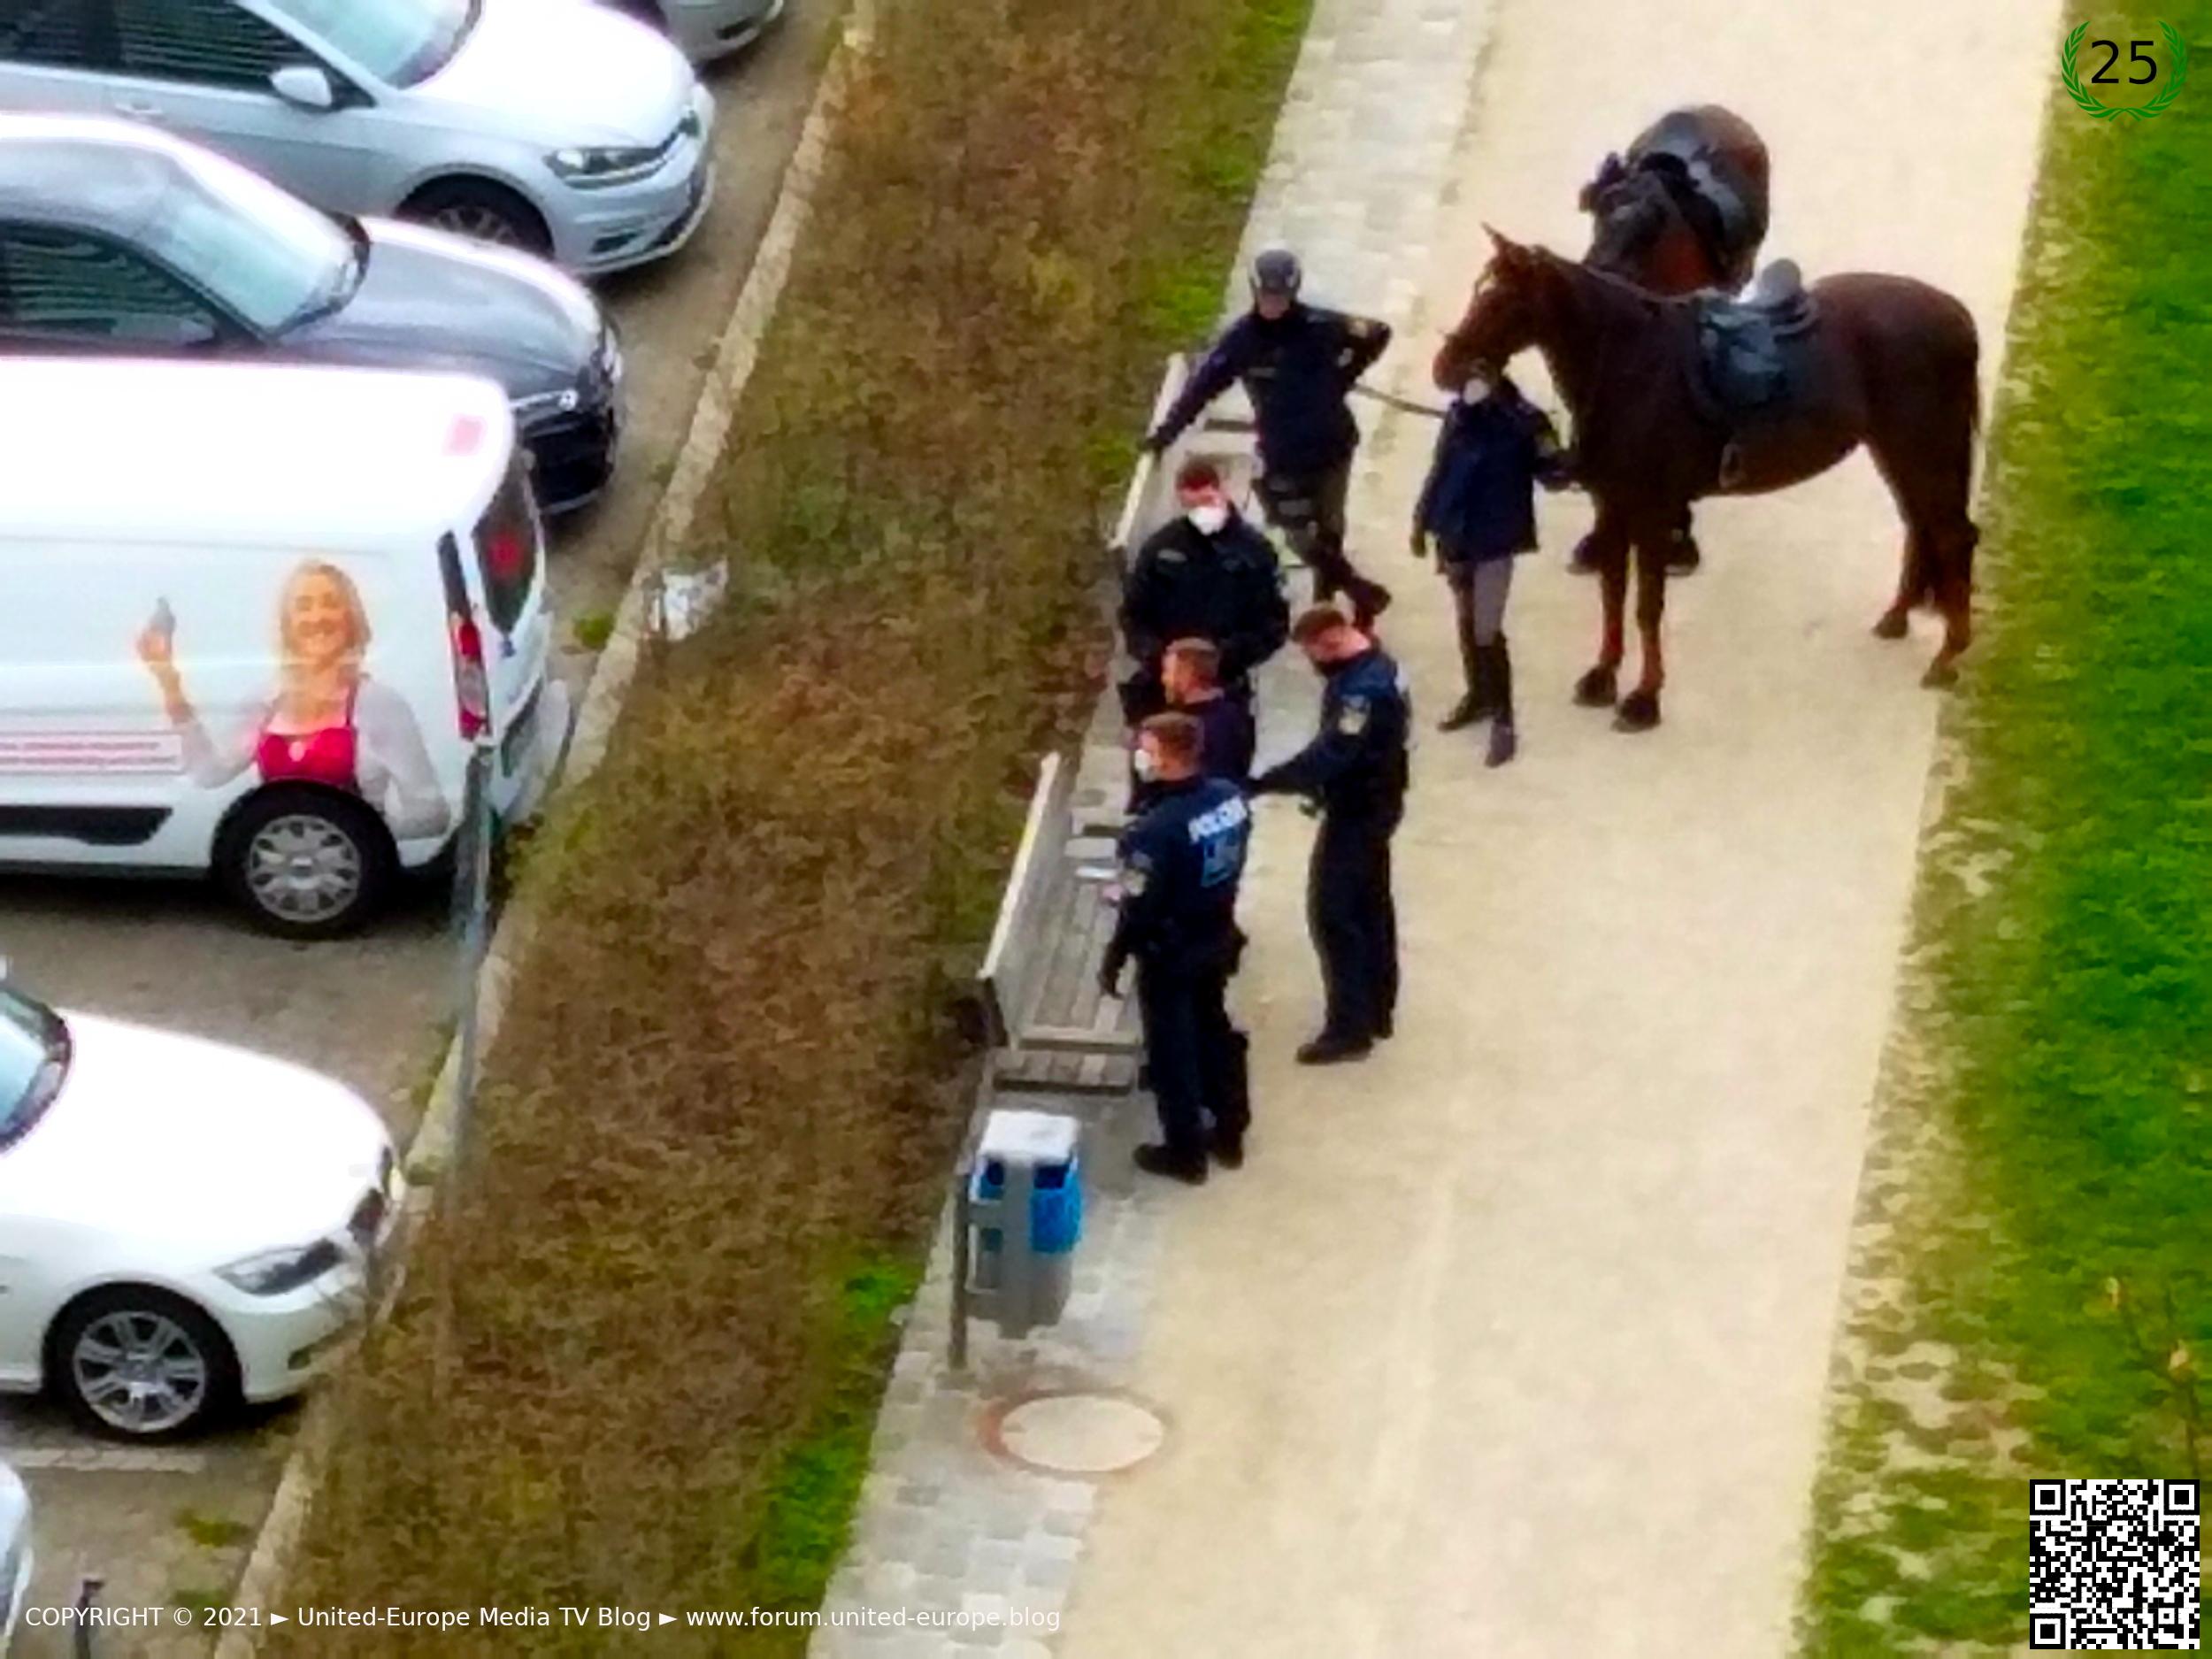 Stadt Nürnberg ► Handfeste Rangelei mit der Polizei an der Wohnanlage Norikus ► Ein Film von Gerhard-Stefan Neumann ►